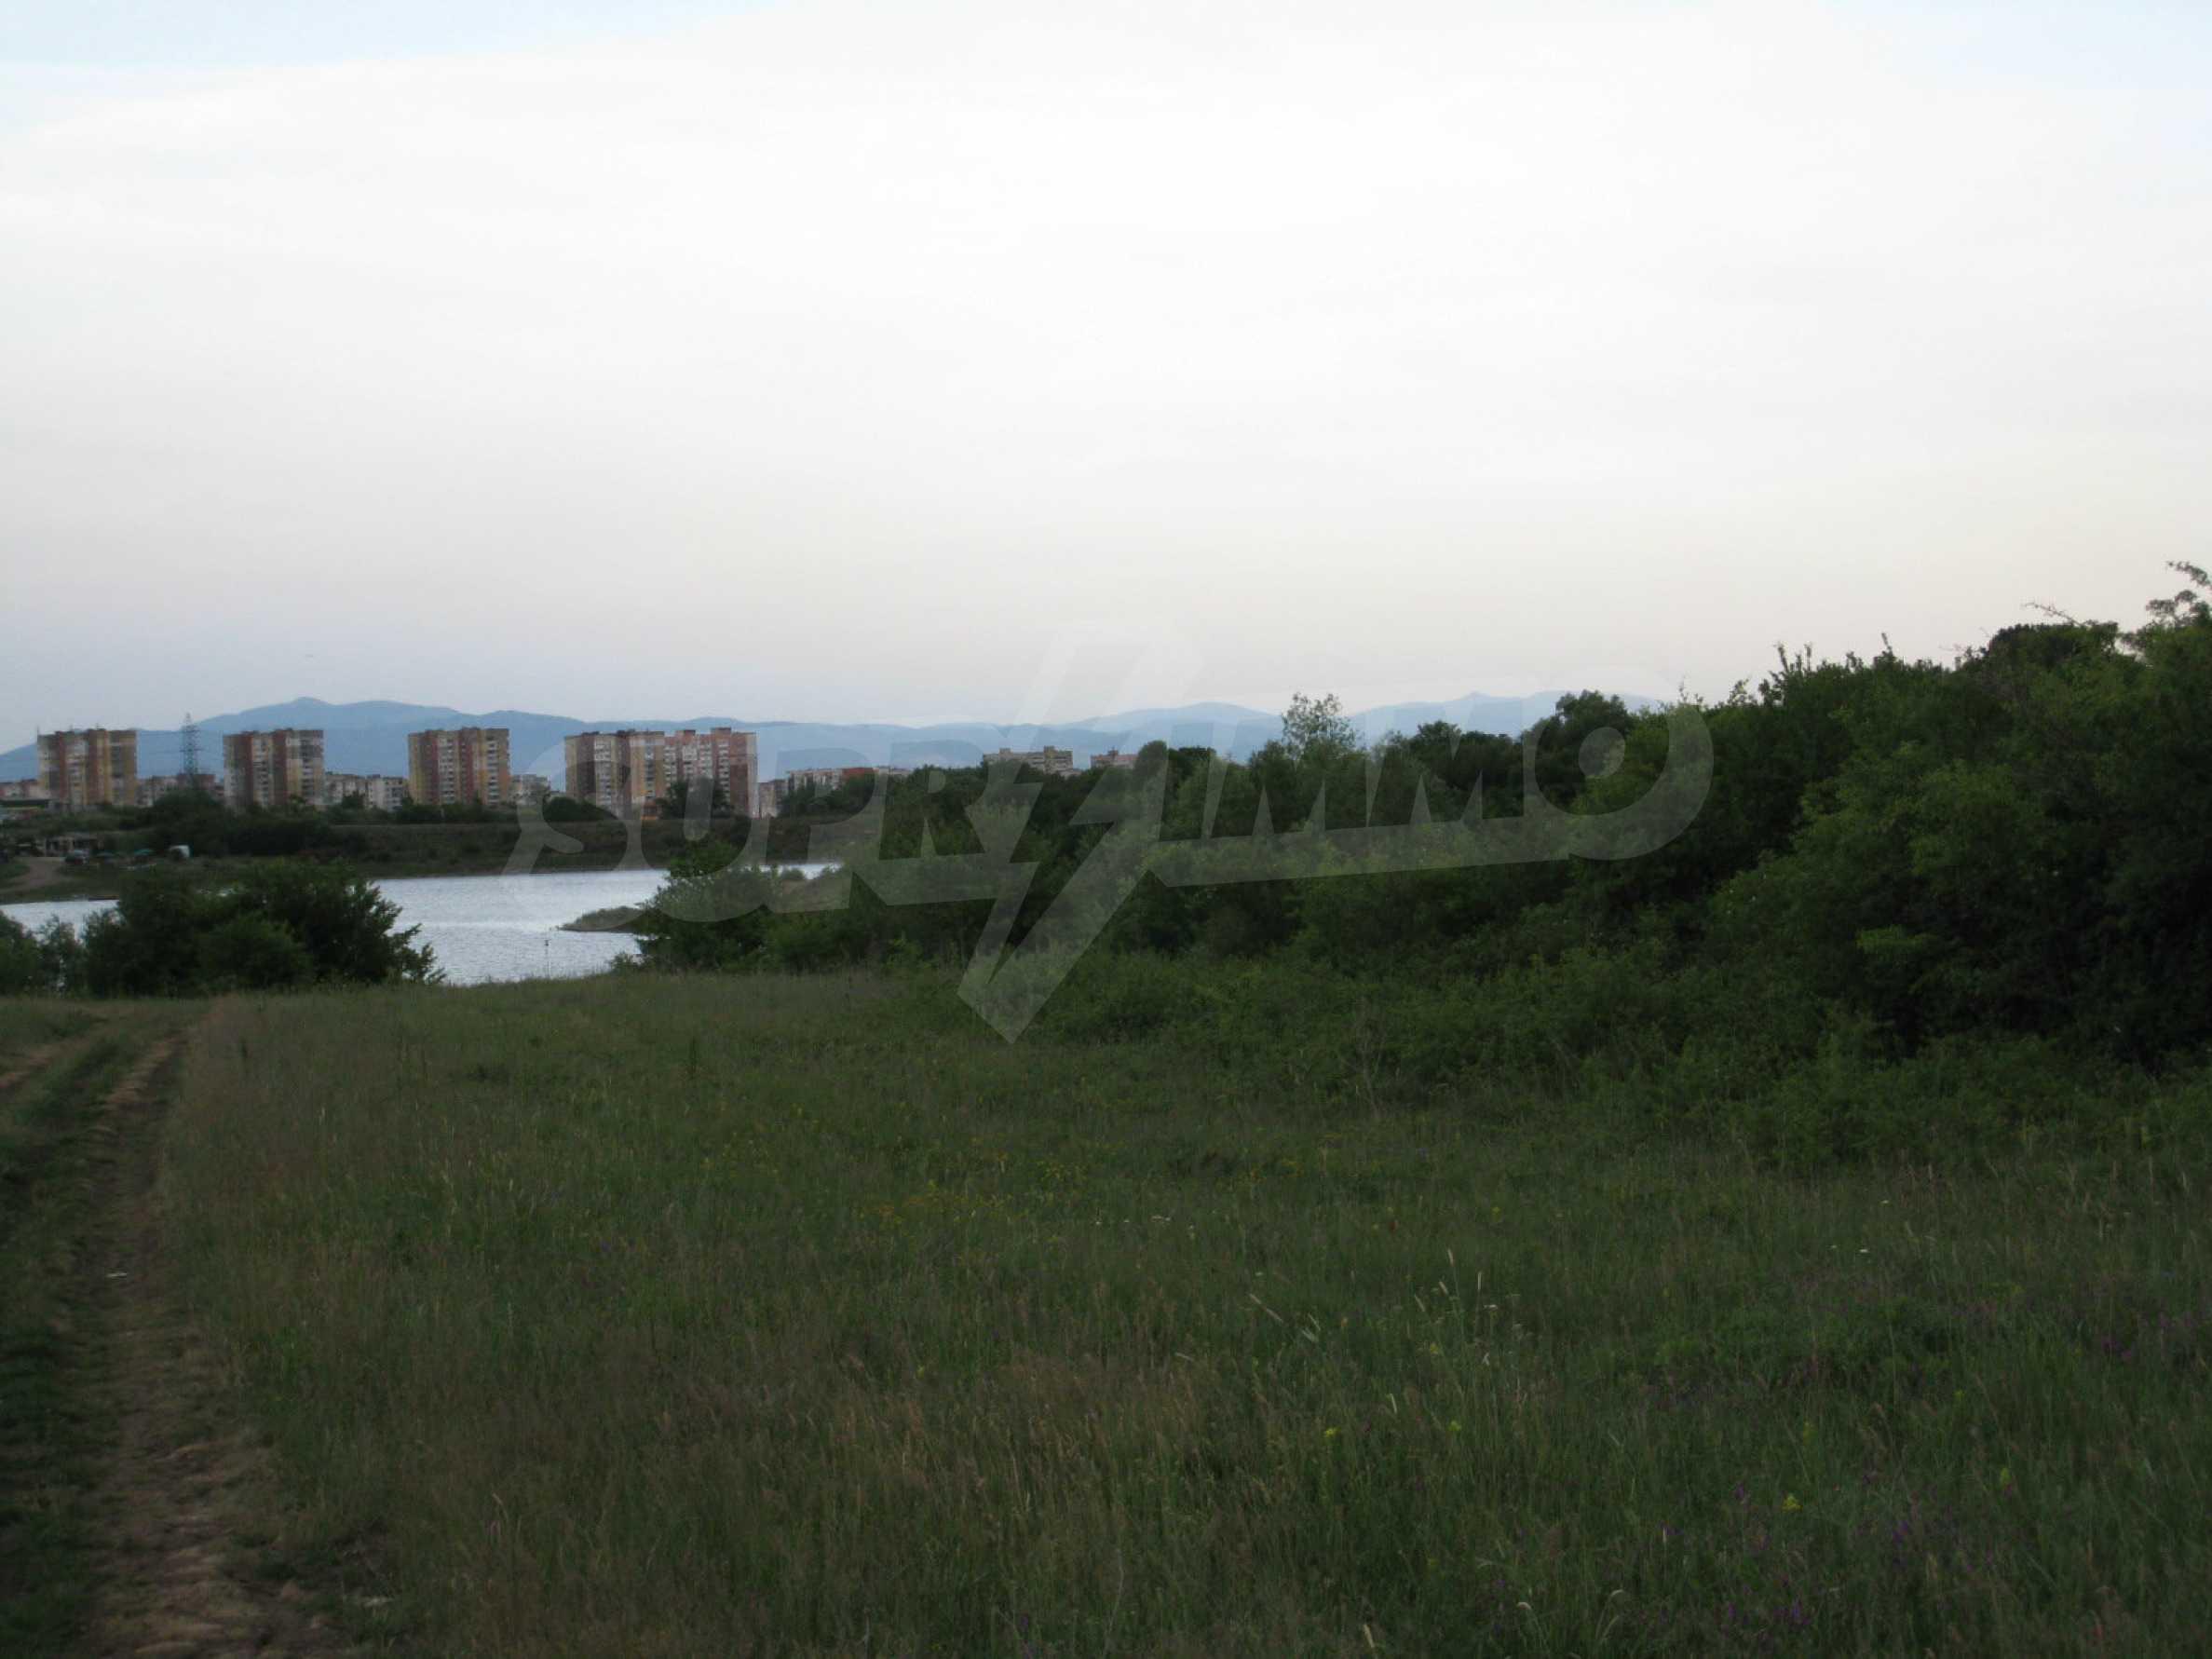 Ackerland in der Nähe eines Sees in Suhodol 20